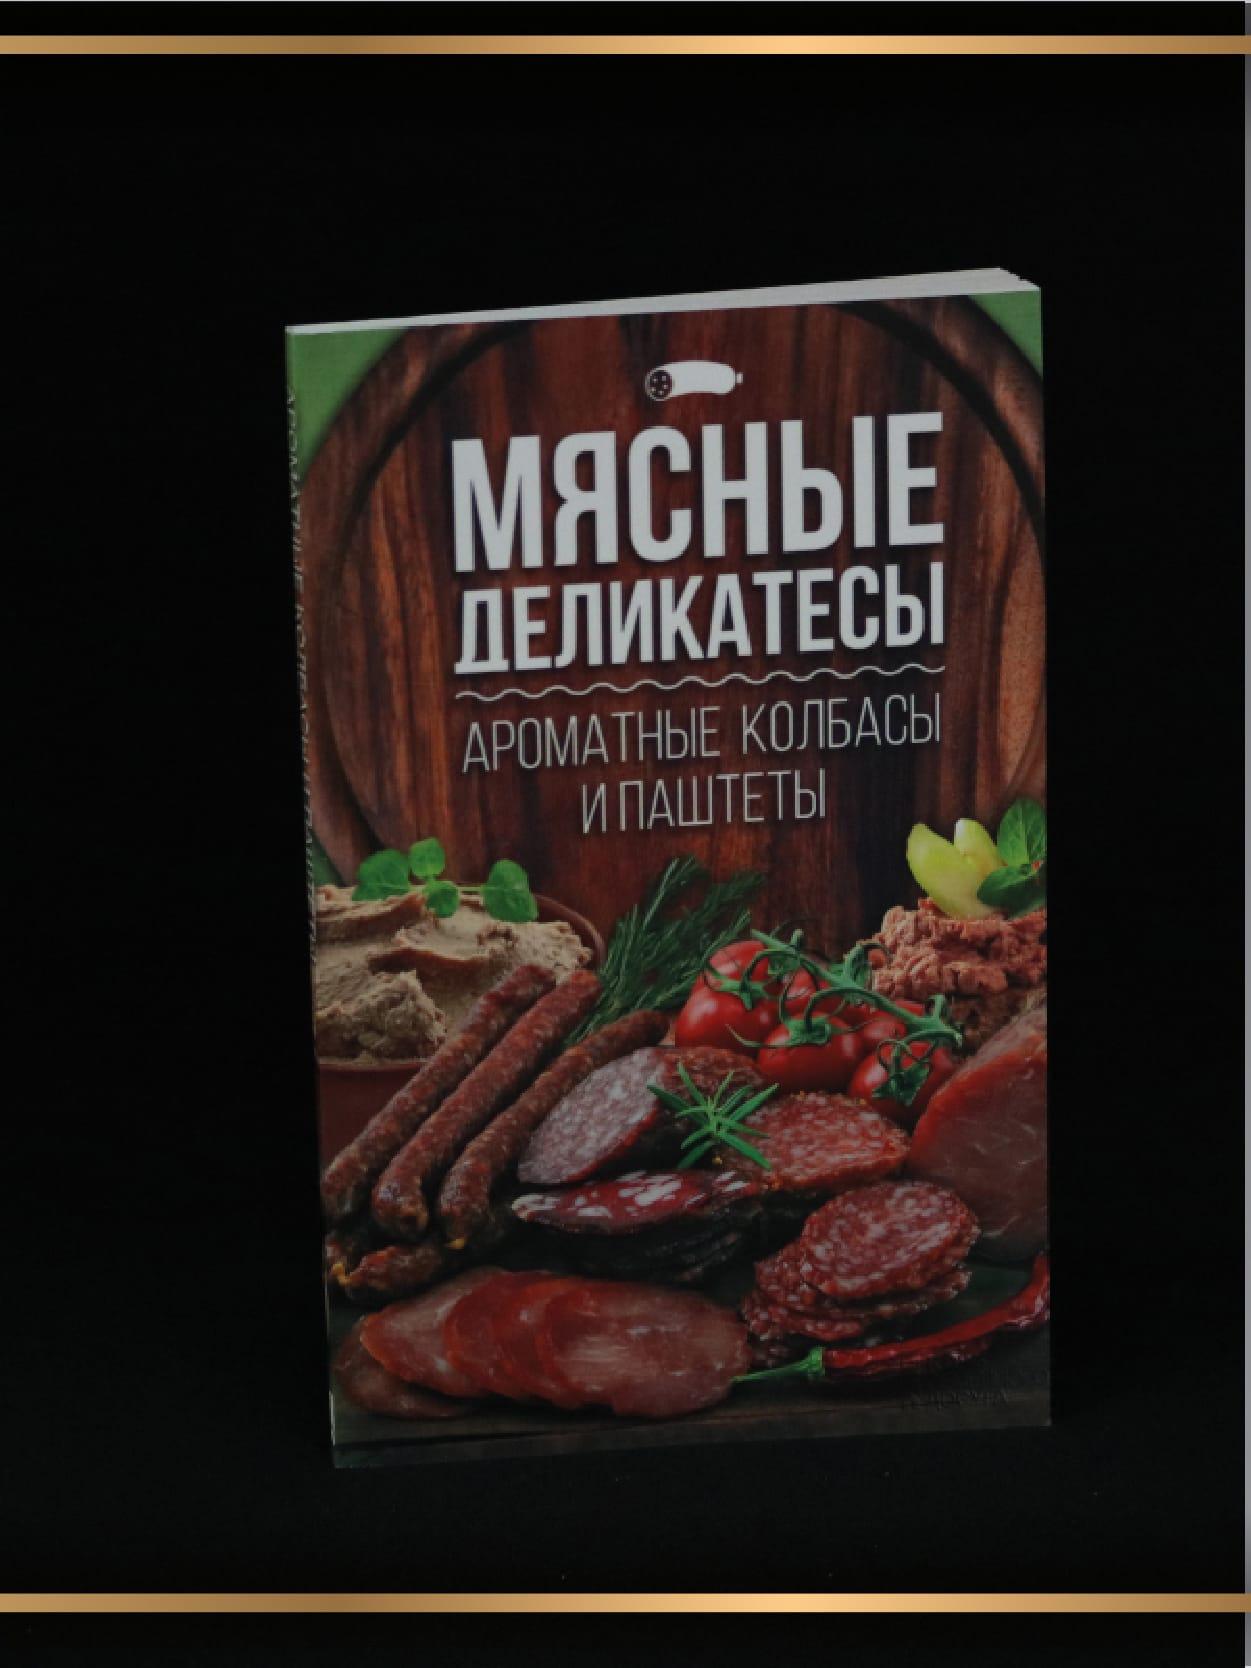 Для производства и копчения колбас